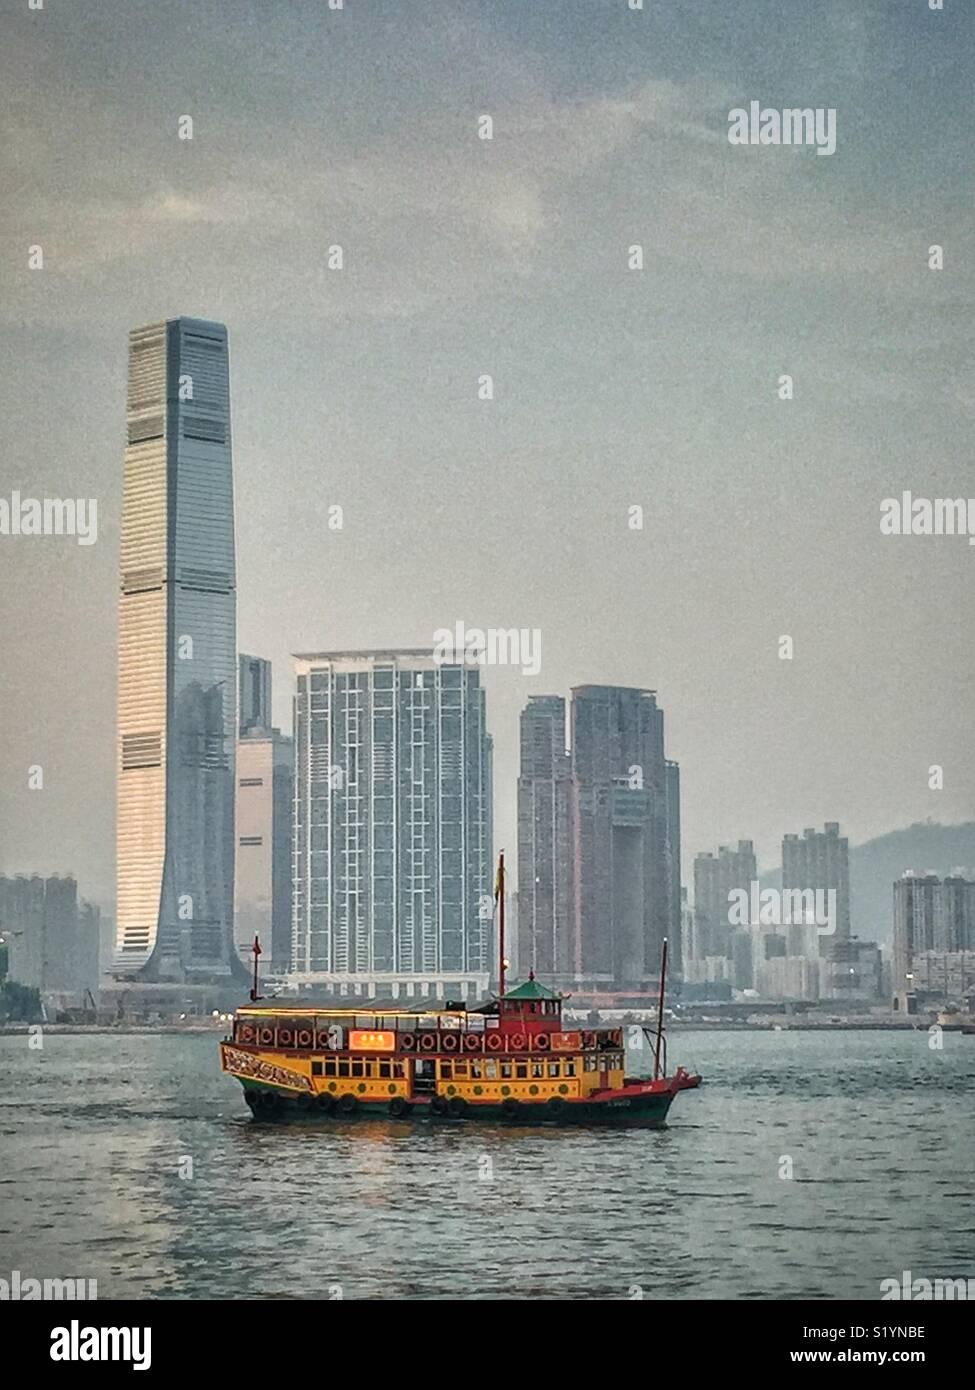 Il 'ala su Travel', un double decker giunca Cinese, portando i turisti in una crociera turistica sul Victoria Harbour al crepuscolo, di fronte alla Corte penale internazionale, Hong Kong grattacielo più alto del, nel West Kowloon Immagini Stock